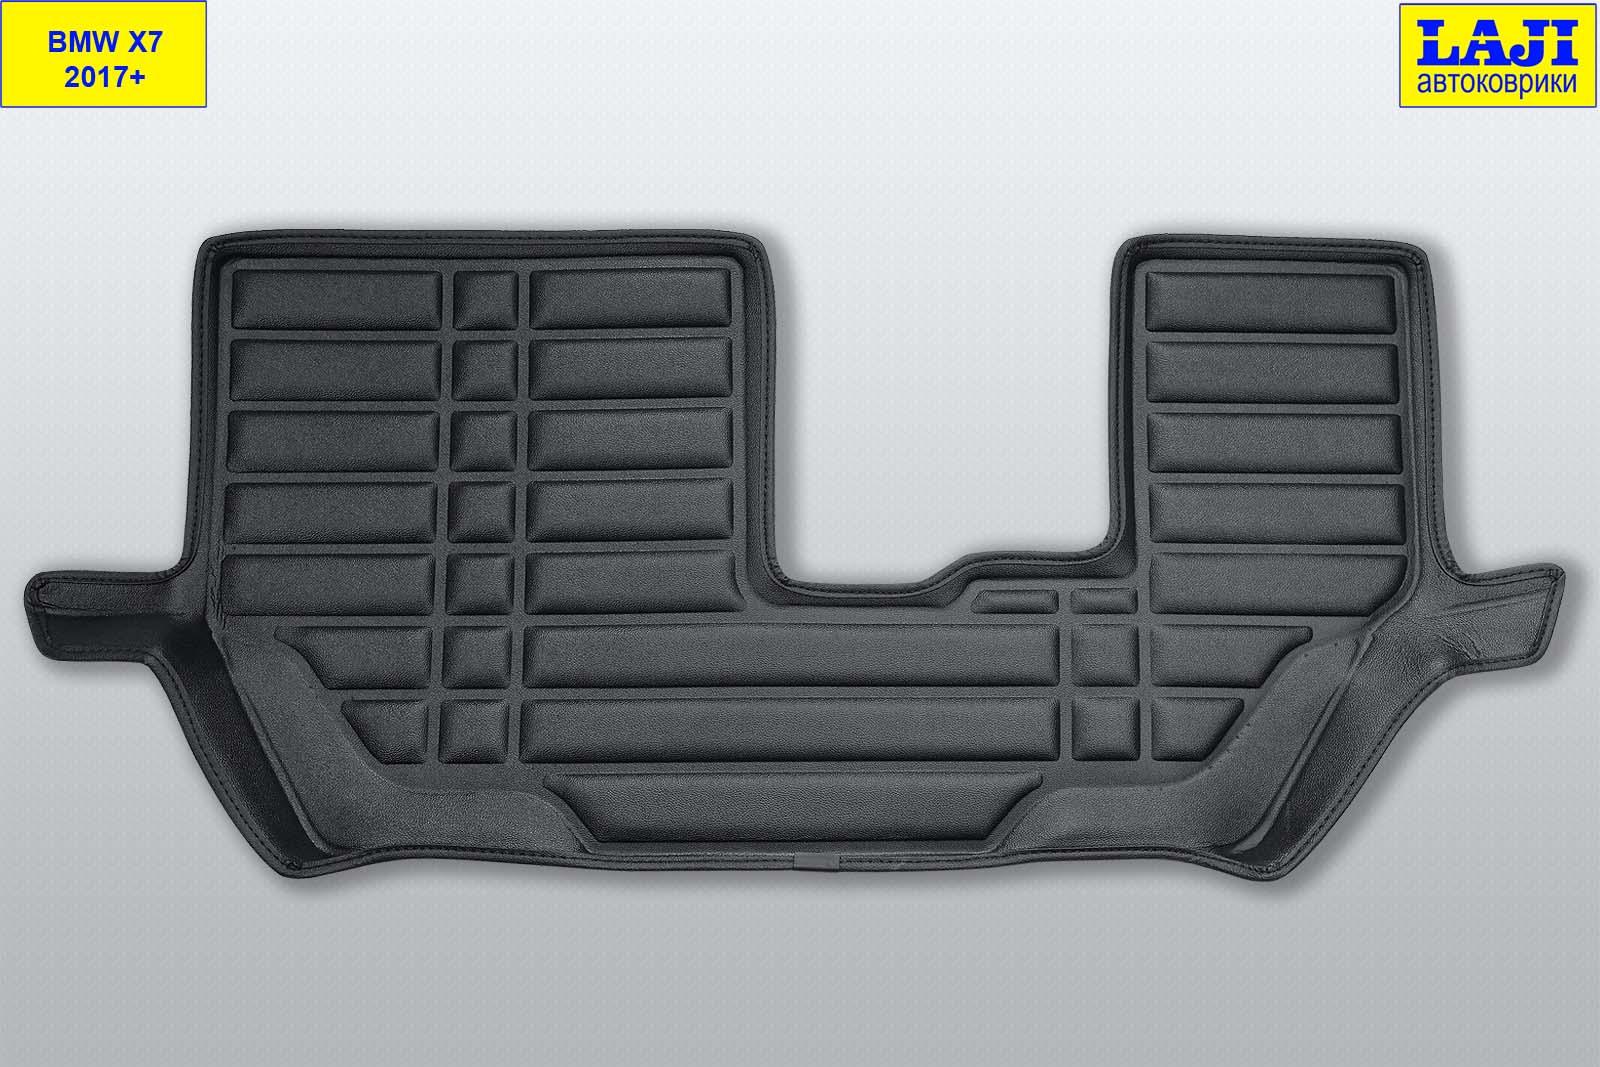 5D коврики в салон BMW X7, 7 мест, 2017-н.в. 12